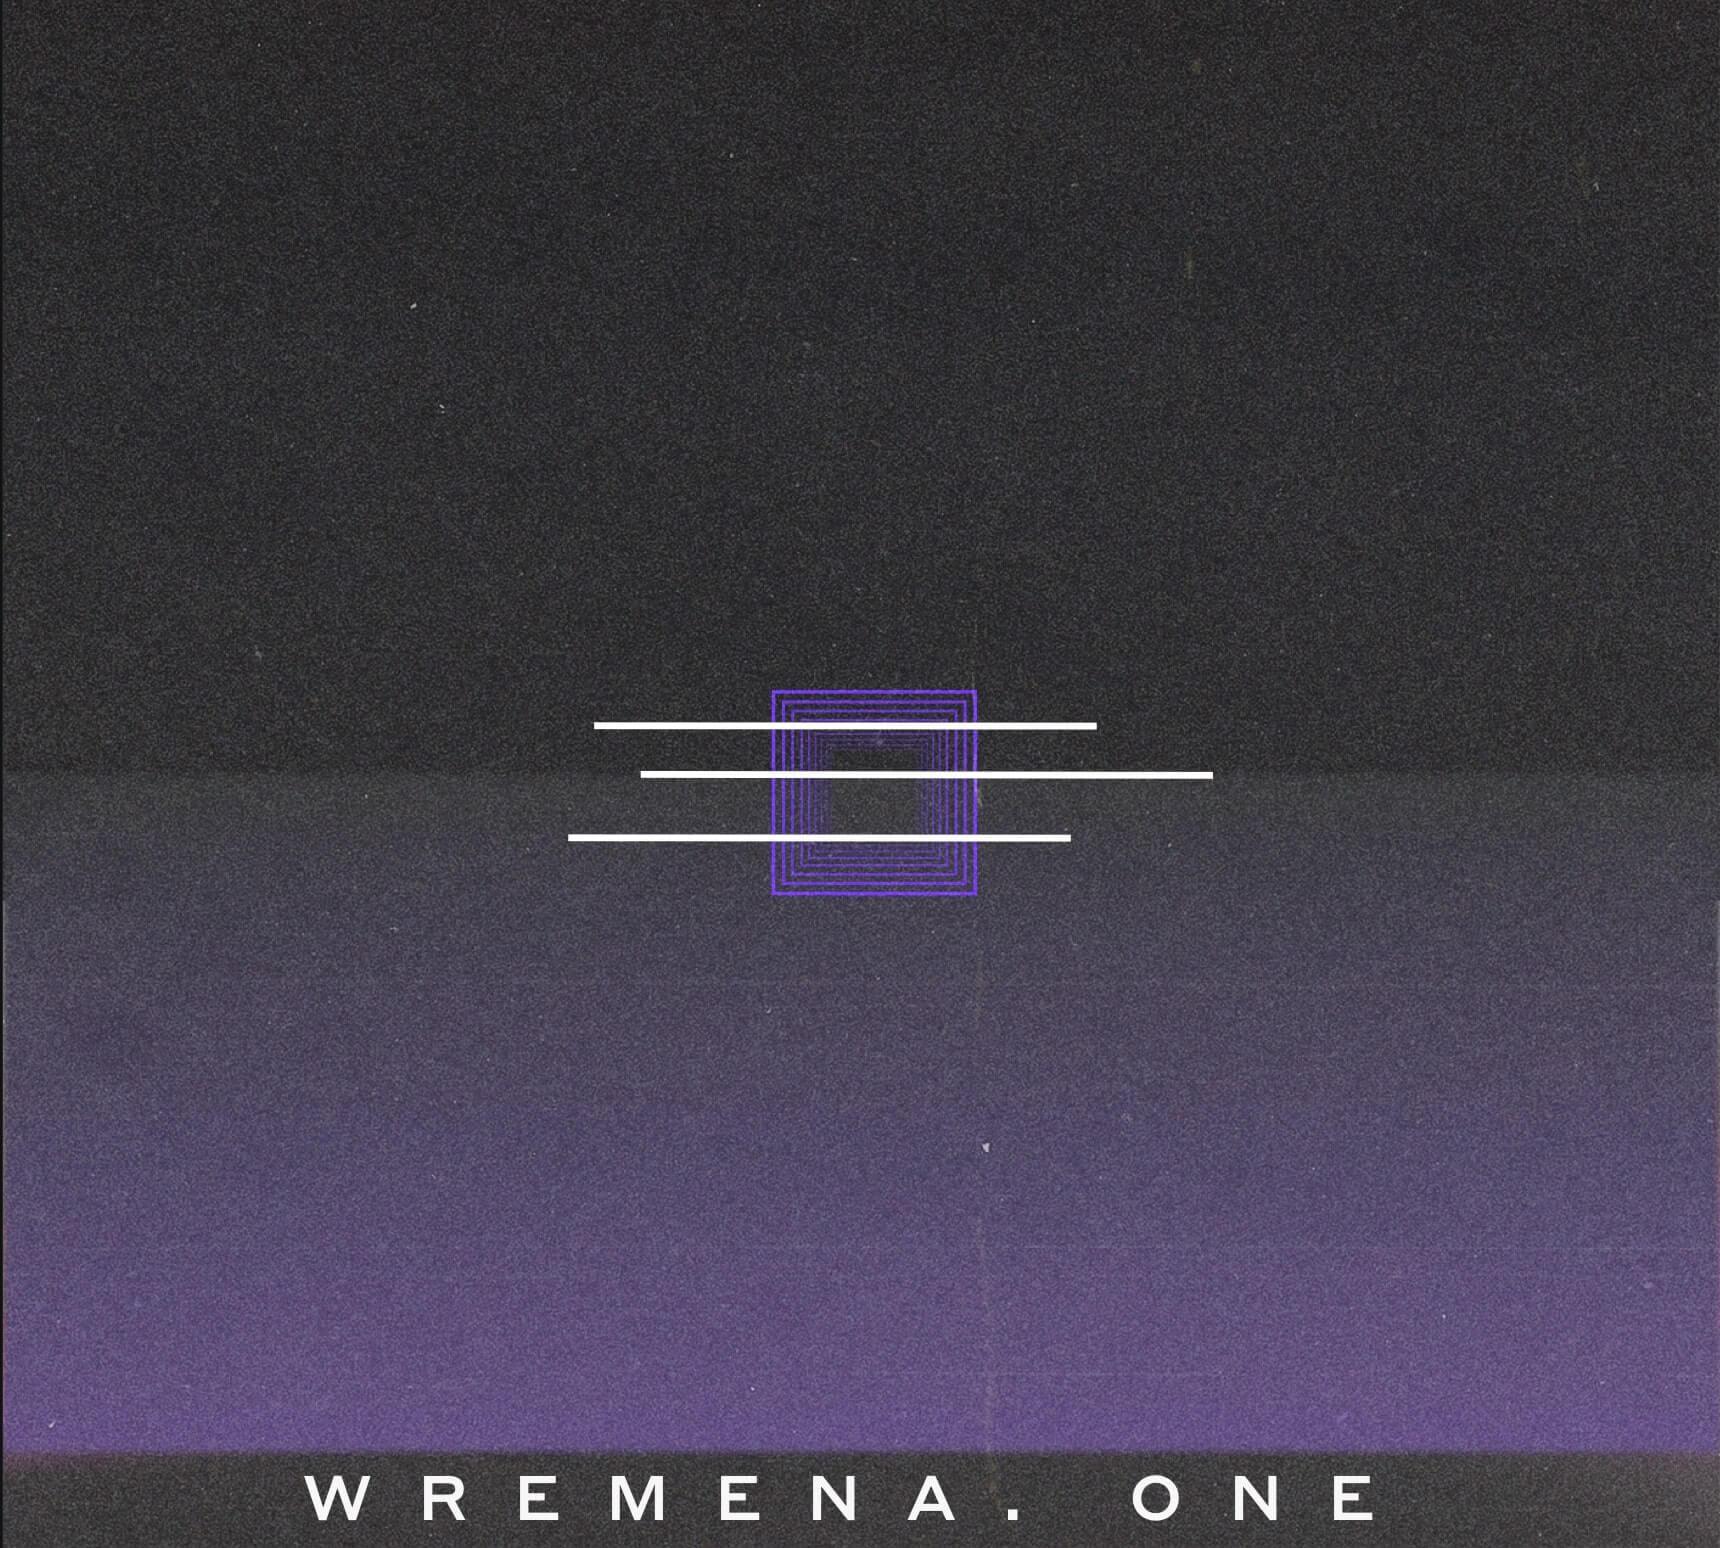 WREMENA.ONE(cover art).jpg